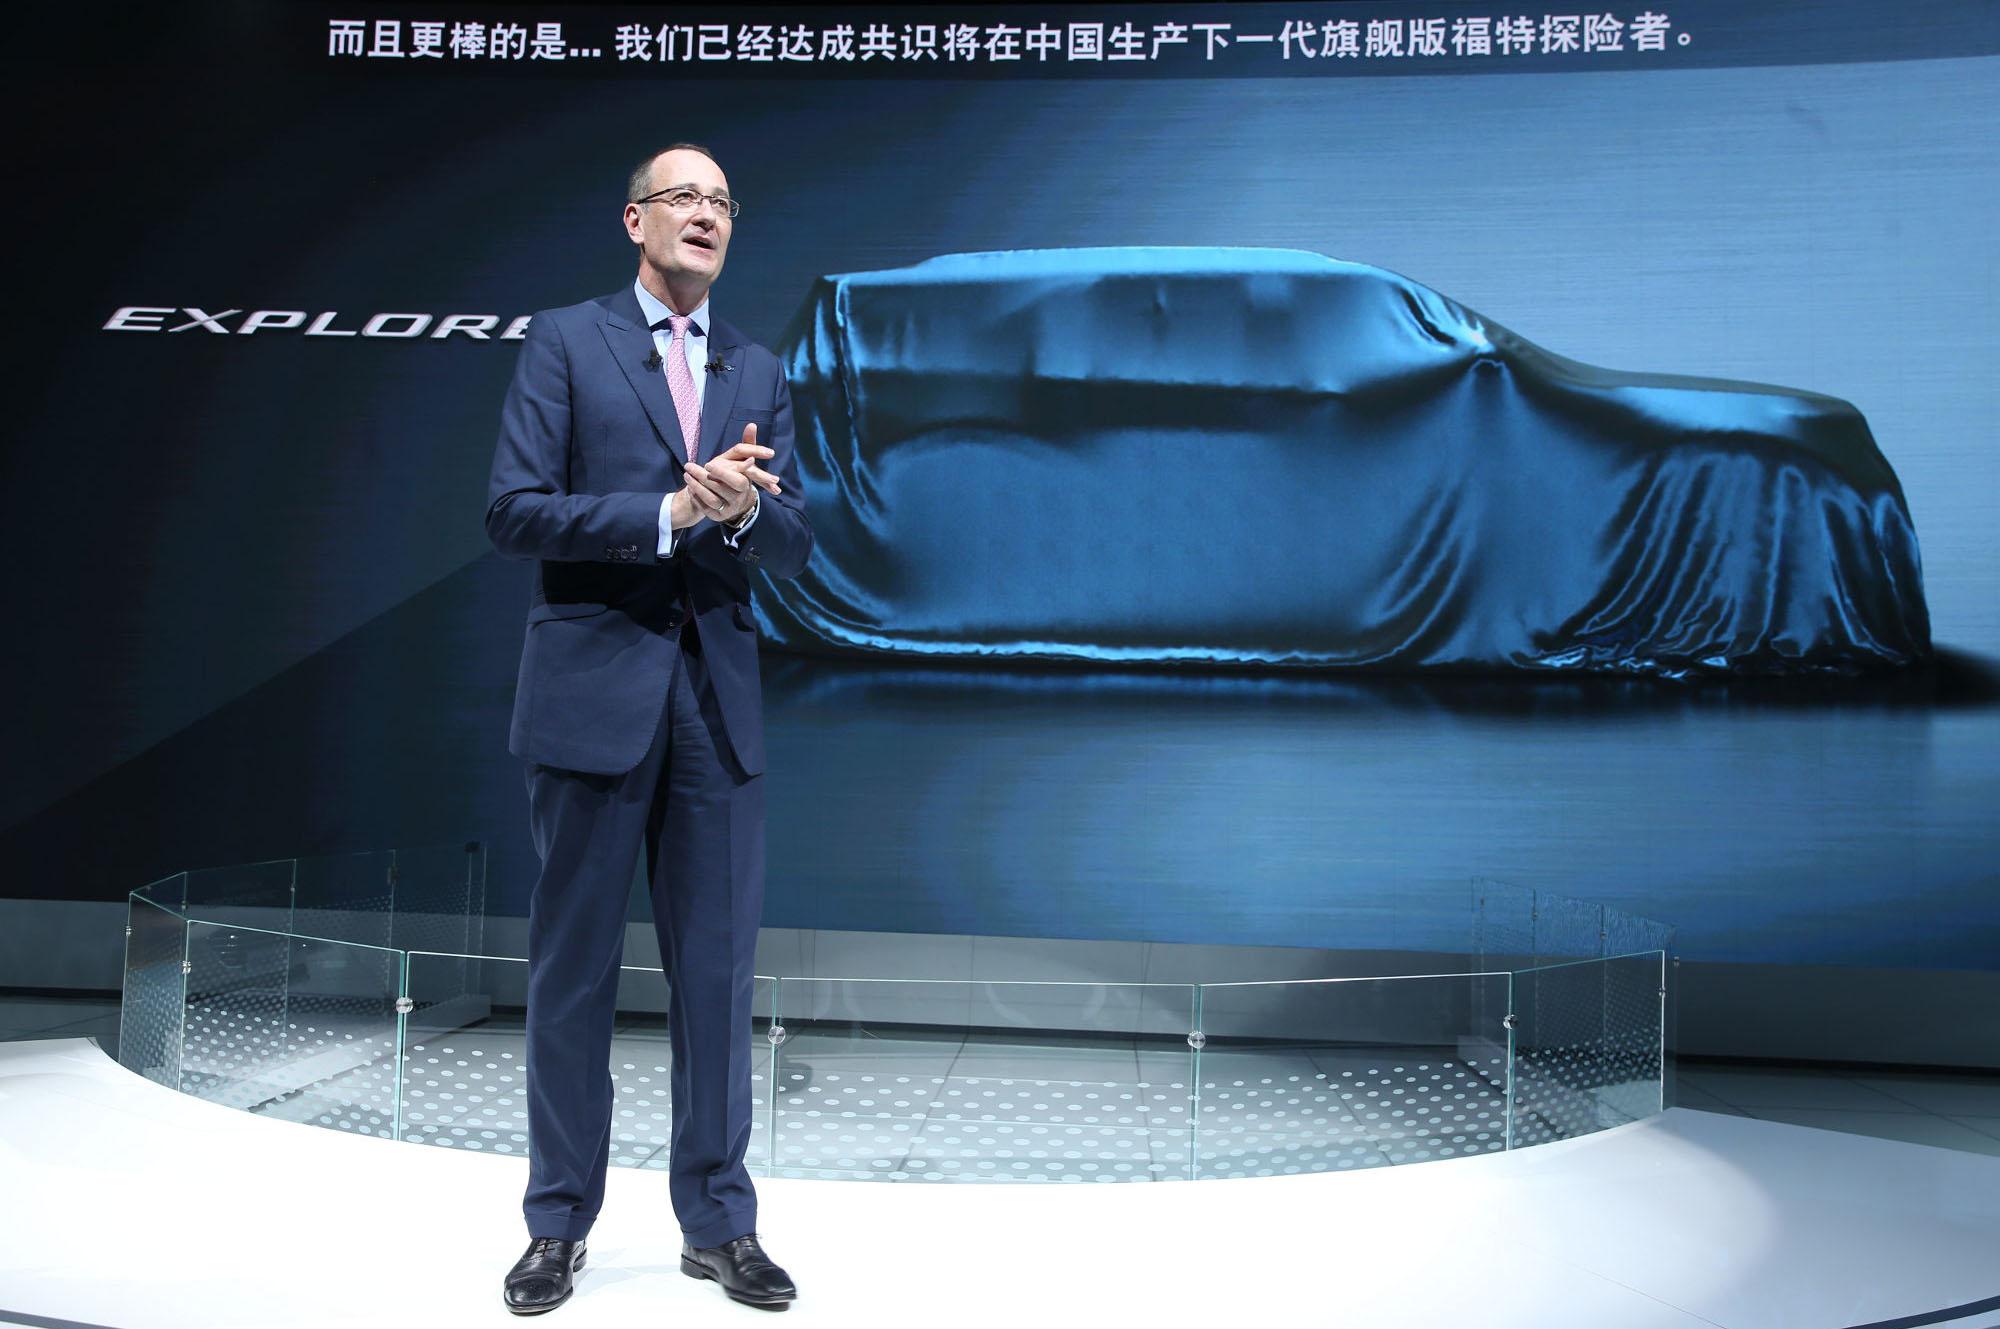 Lo que esperamos de la nueva Ford Explorer 2020 - Motor ...